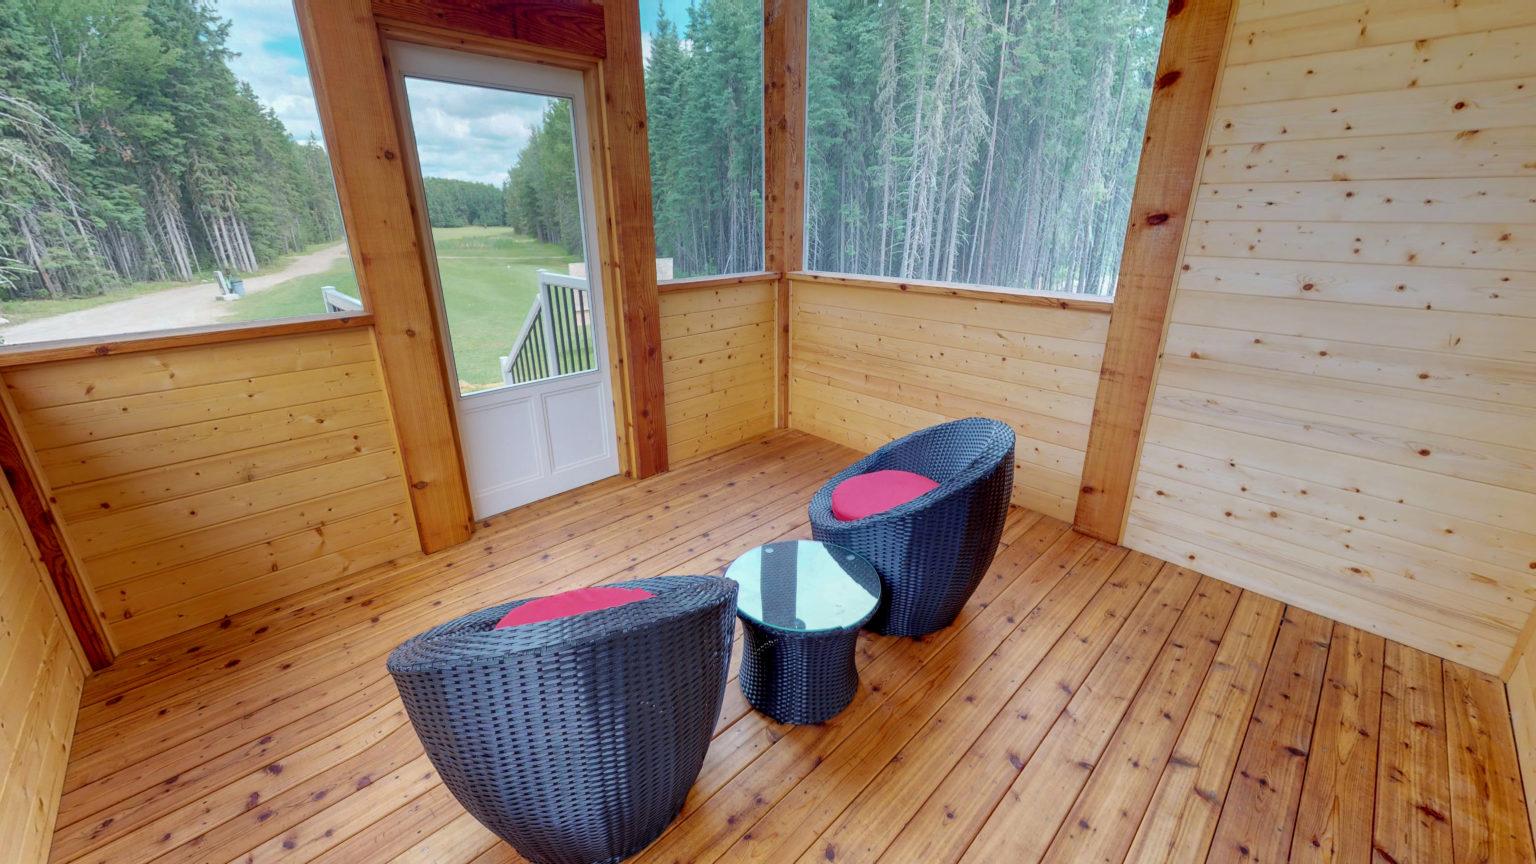 Zak's Building Group Porch